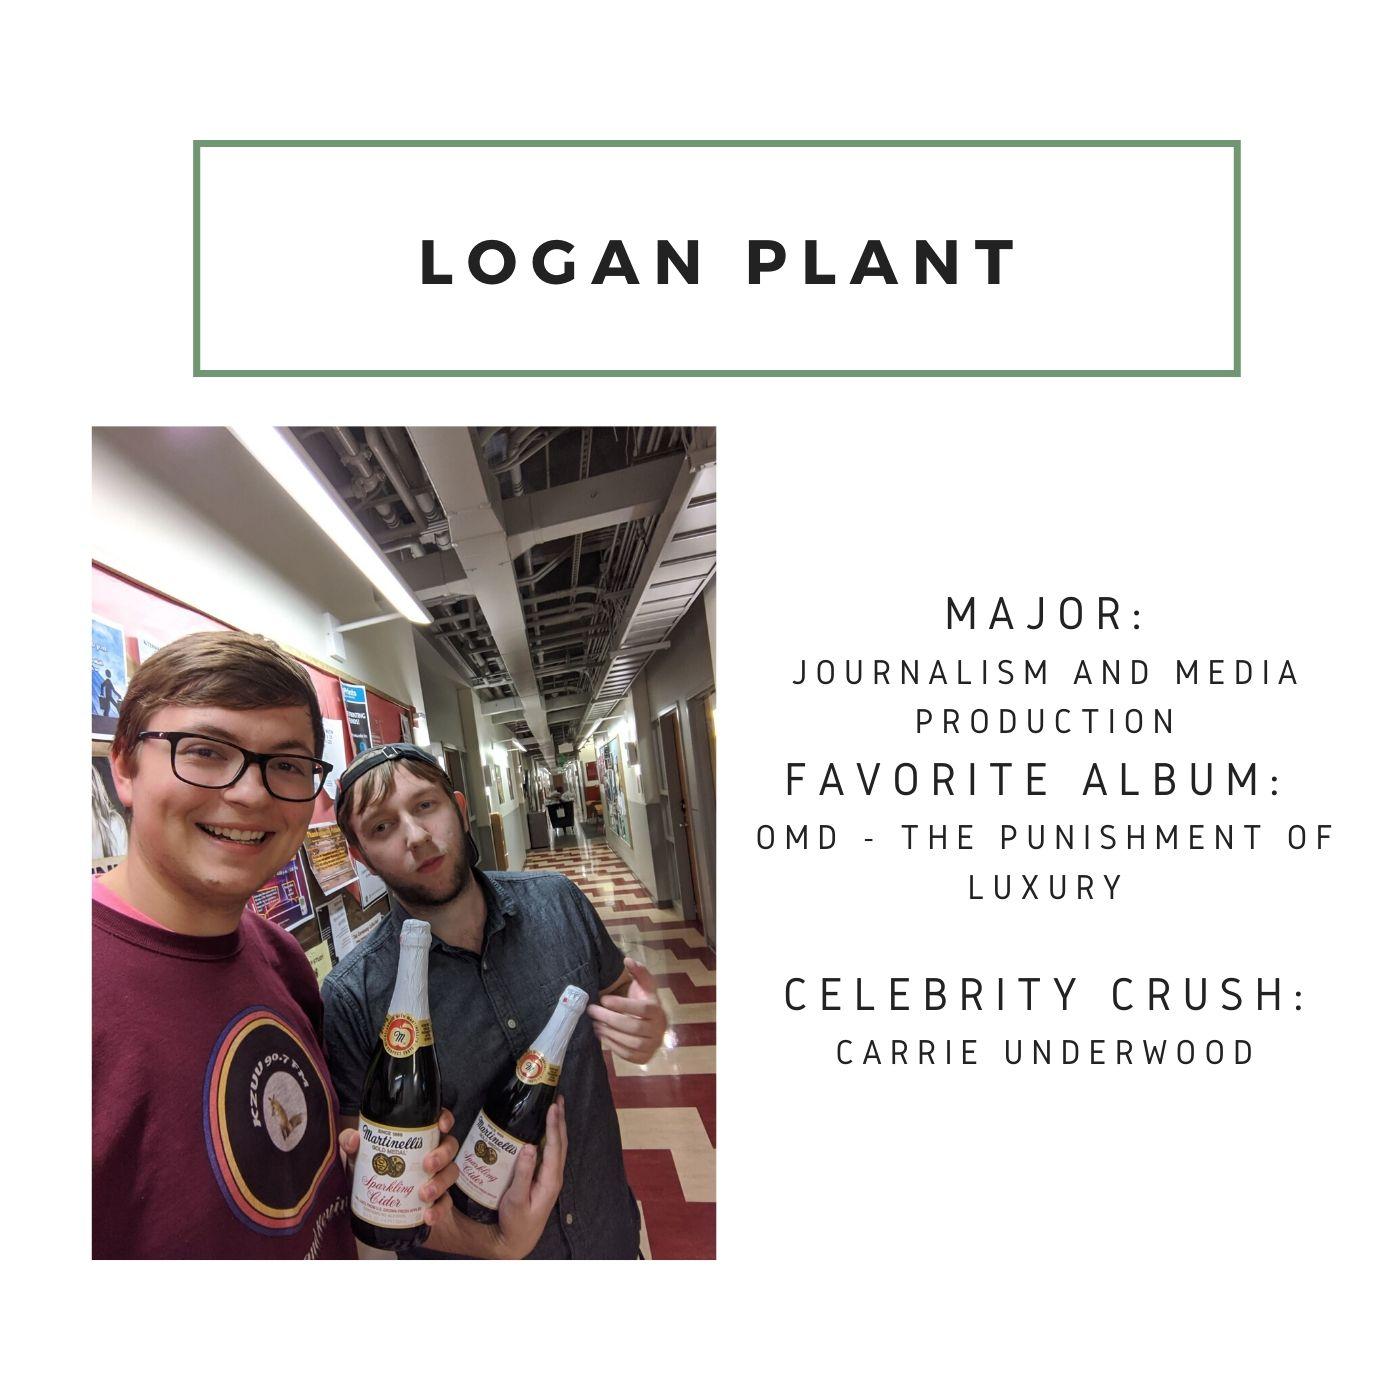 Logan Plant